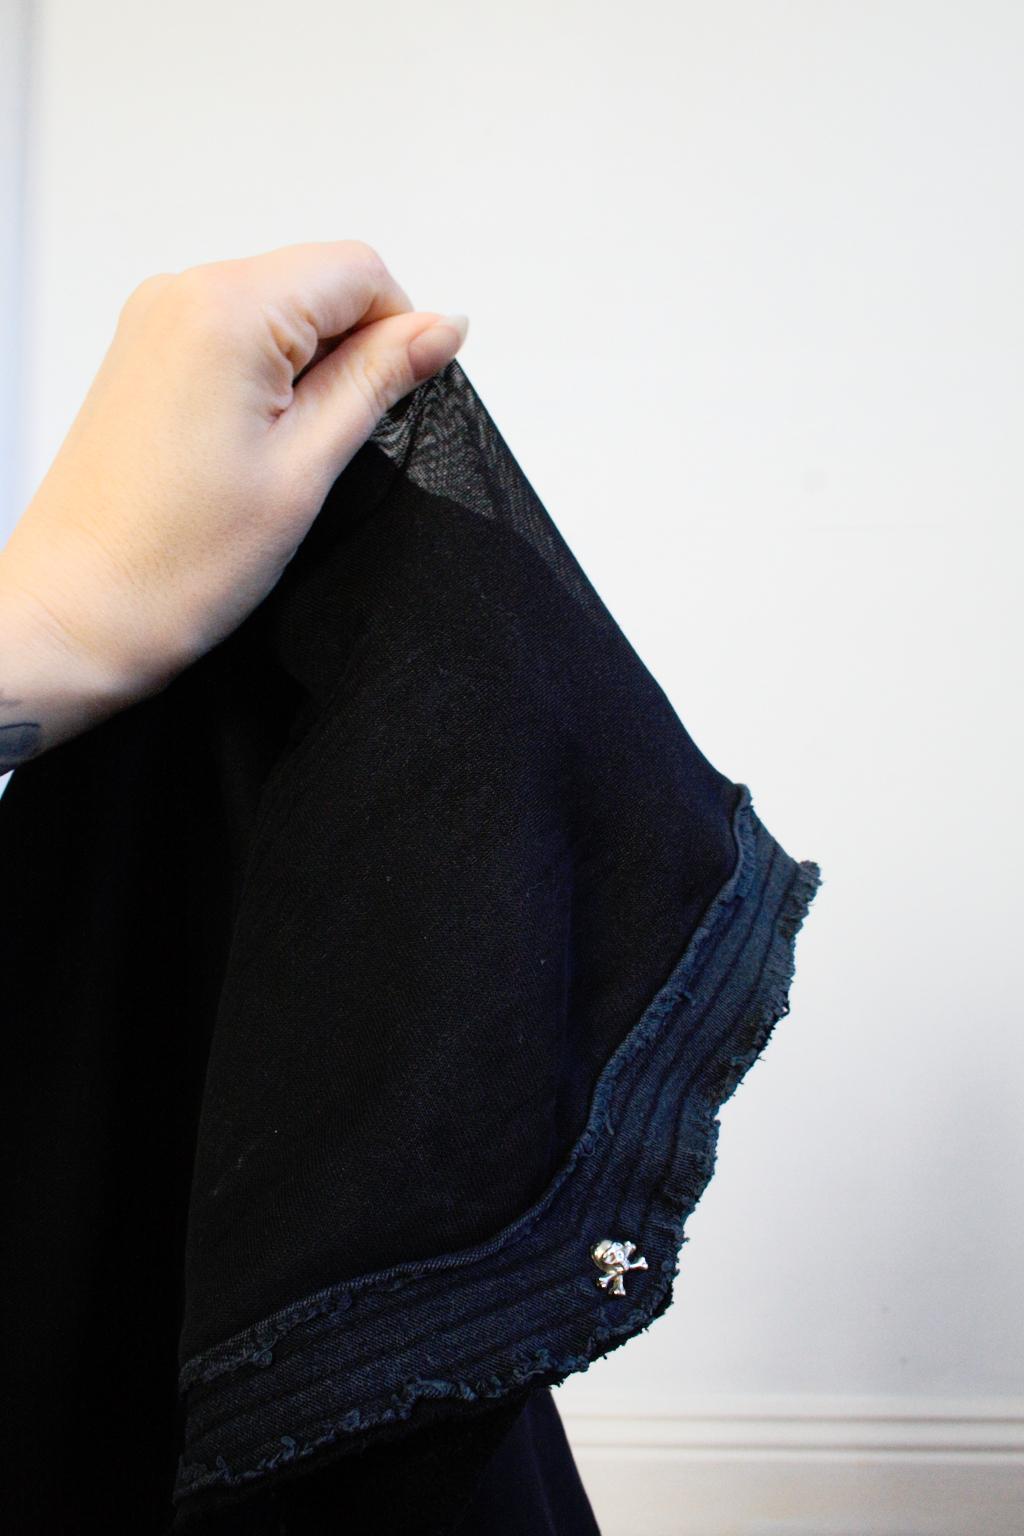 Ungleicher Klon Bio-Pulli - Gothic Sweatshirt zerfallen - Zebraspider DIY Anti-Fashion Blog